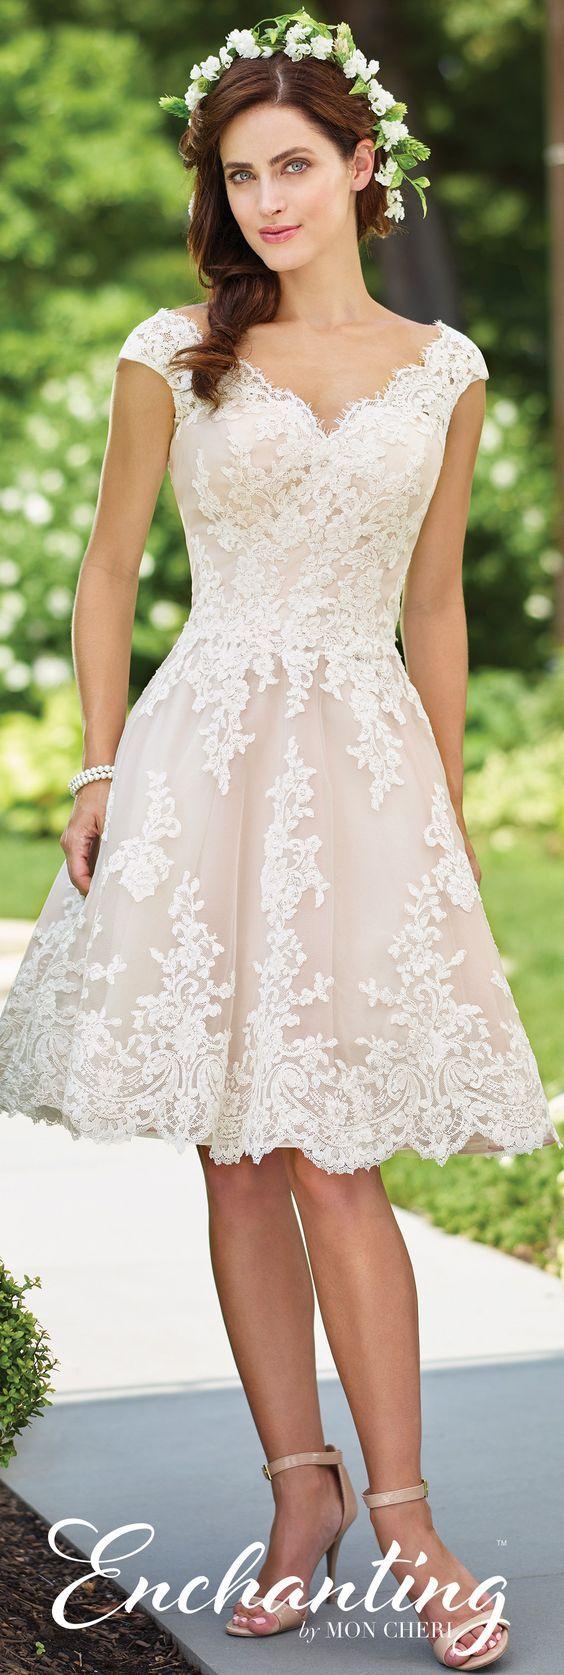 c0fc2f2977 Vestido de noiva curto  inspirações lindas e leves